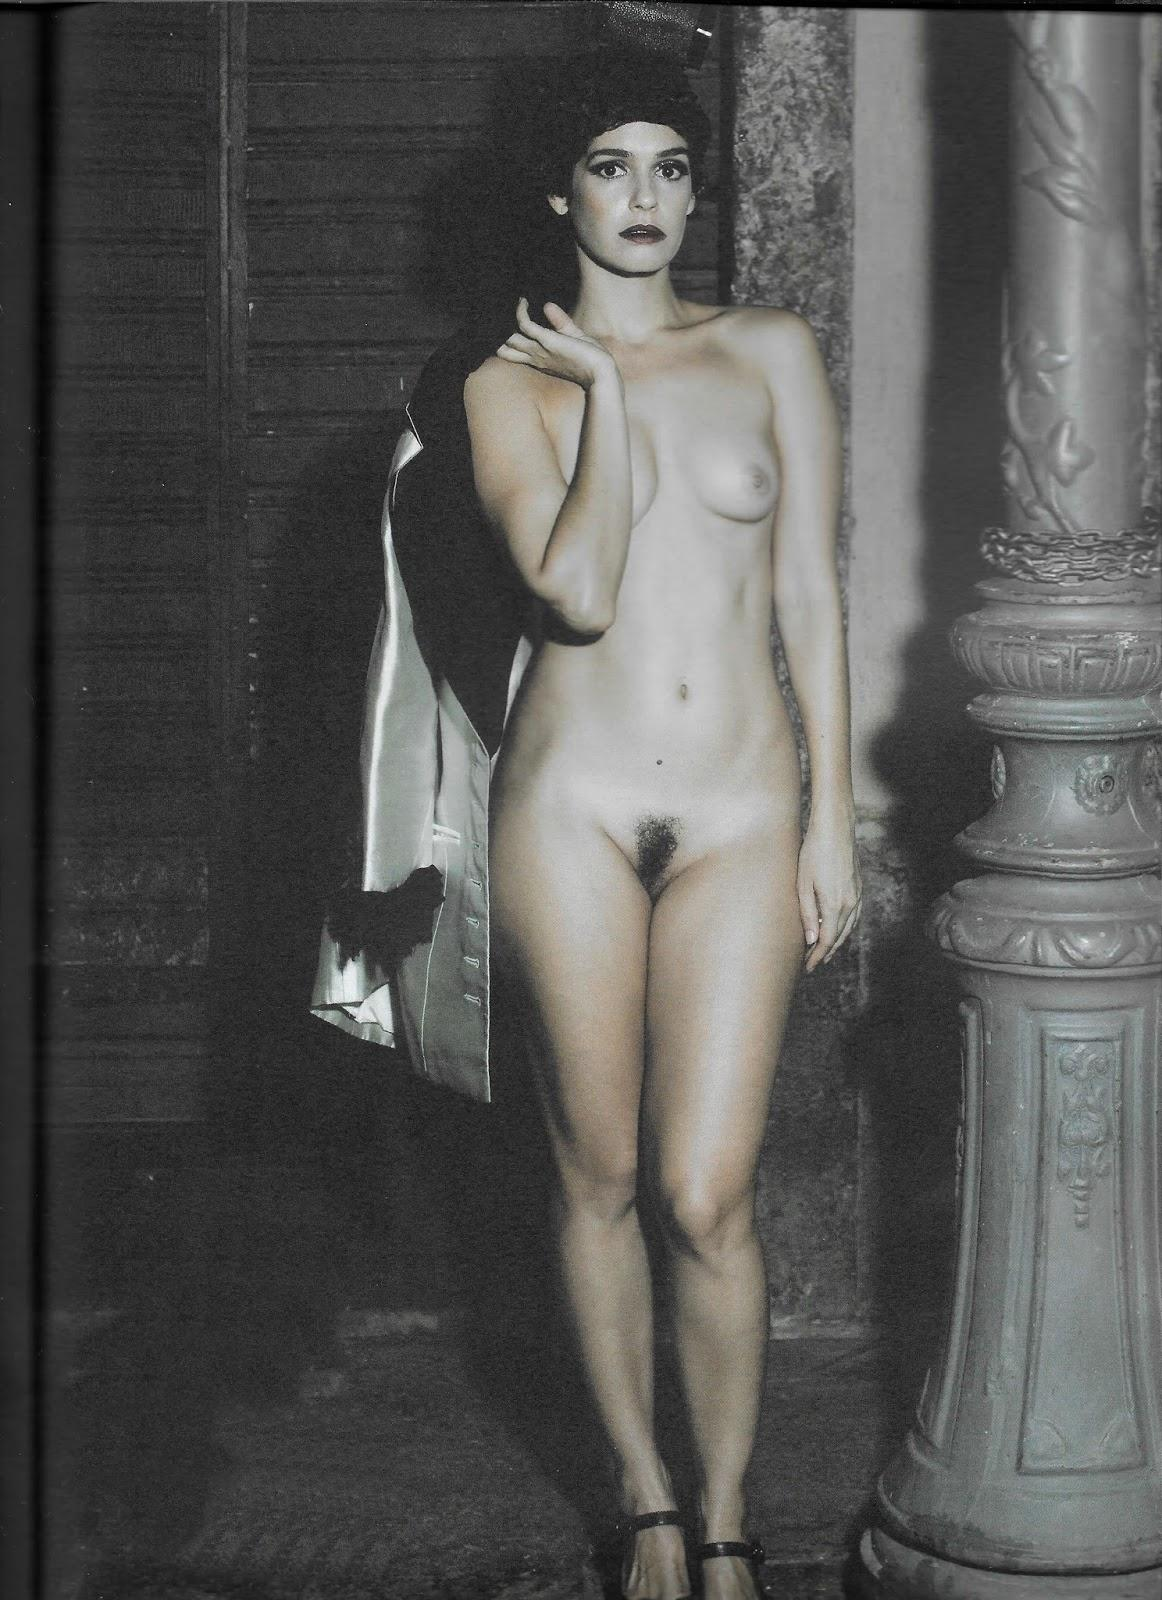 Maria Flor nua na Revista #3 oloxa maria19